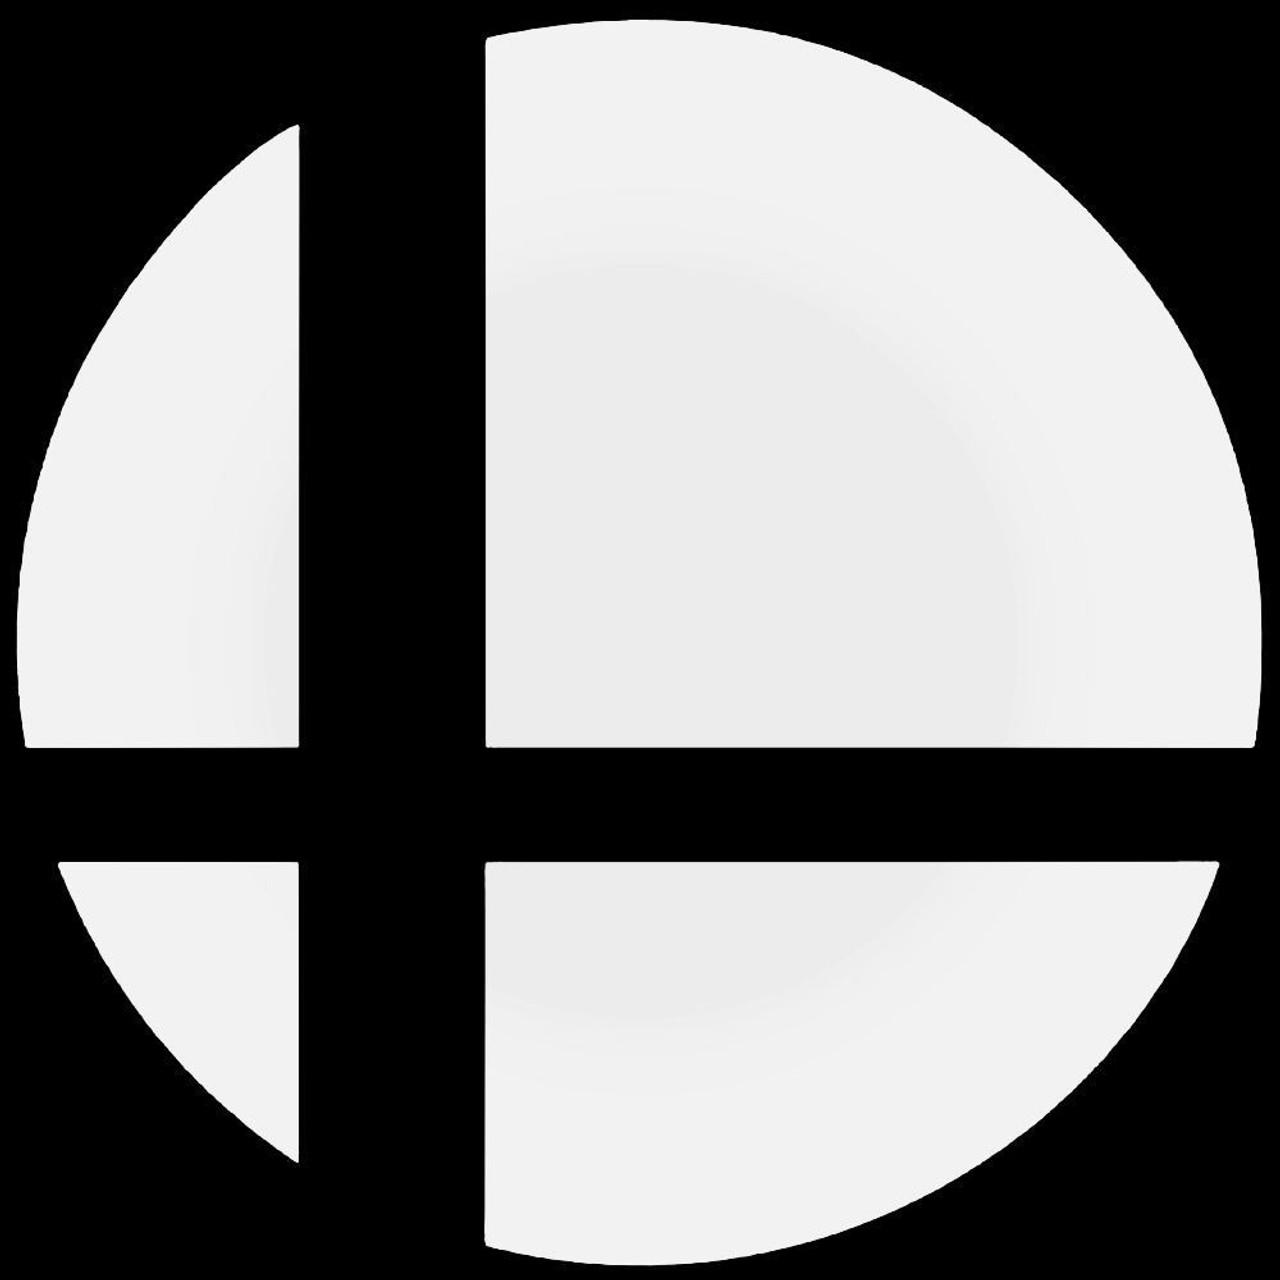 Super Smash Bros Logo Decal Sticker